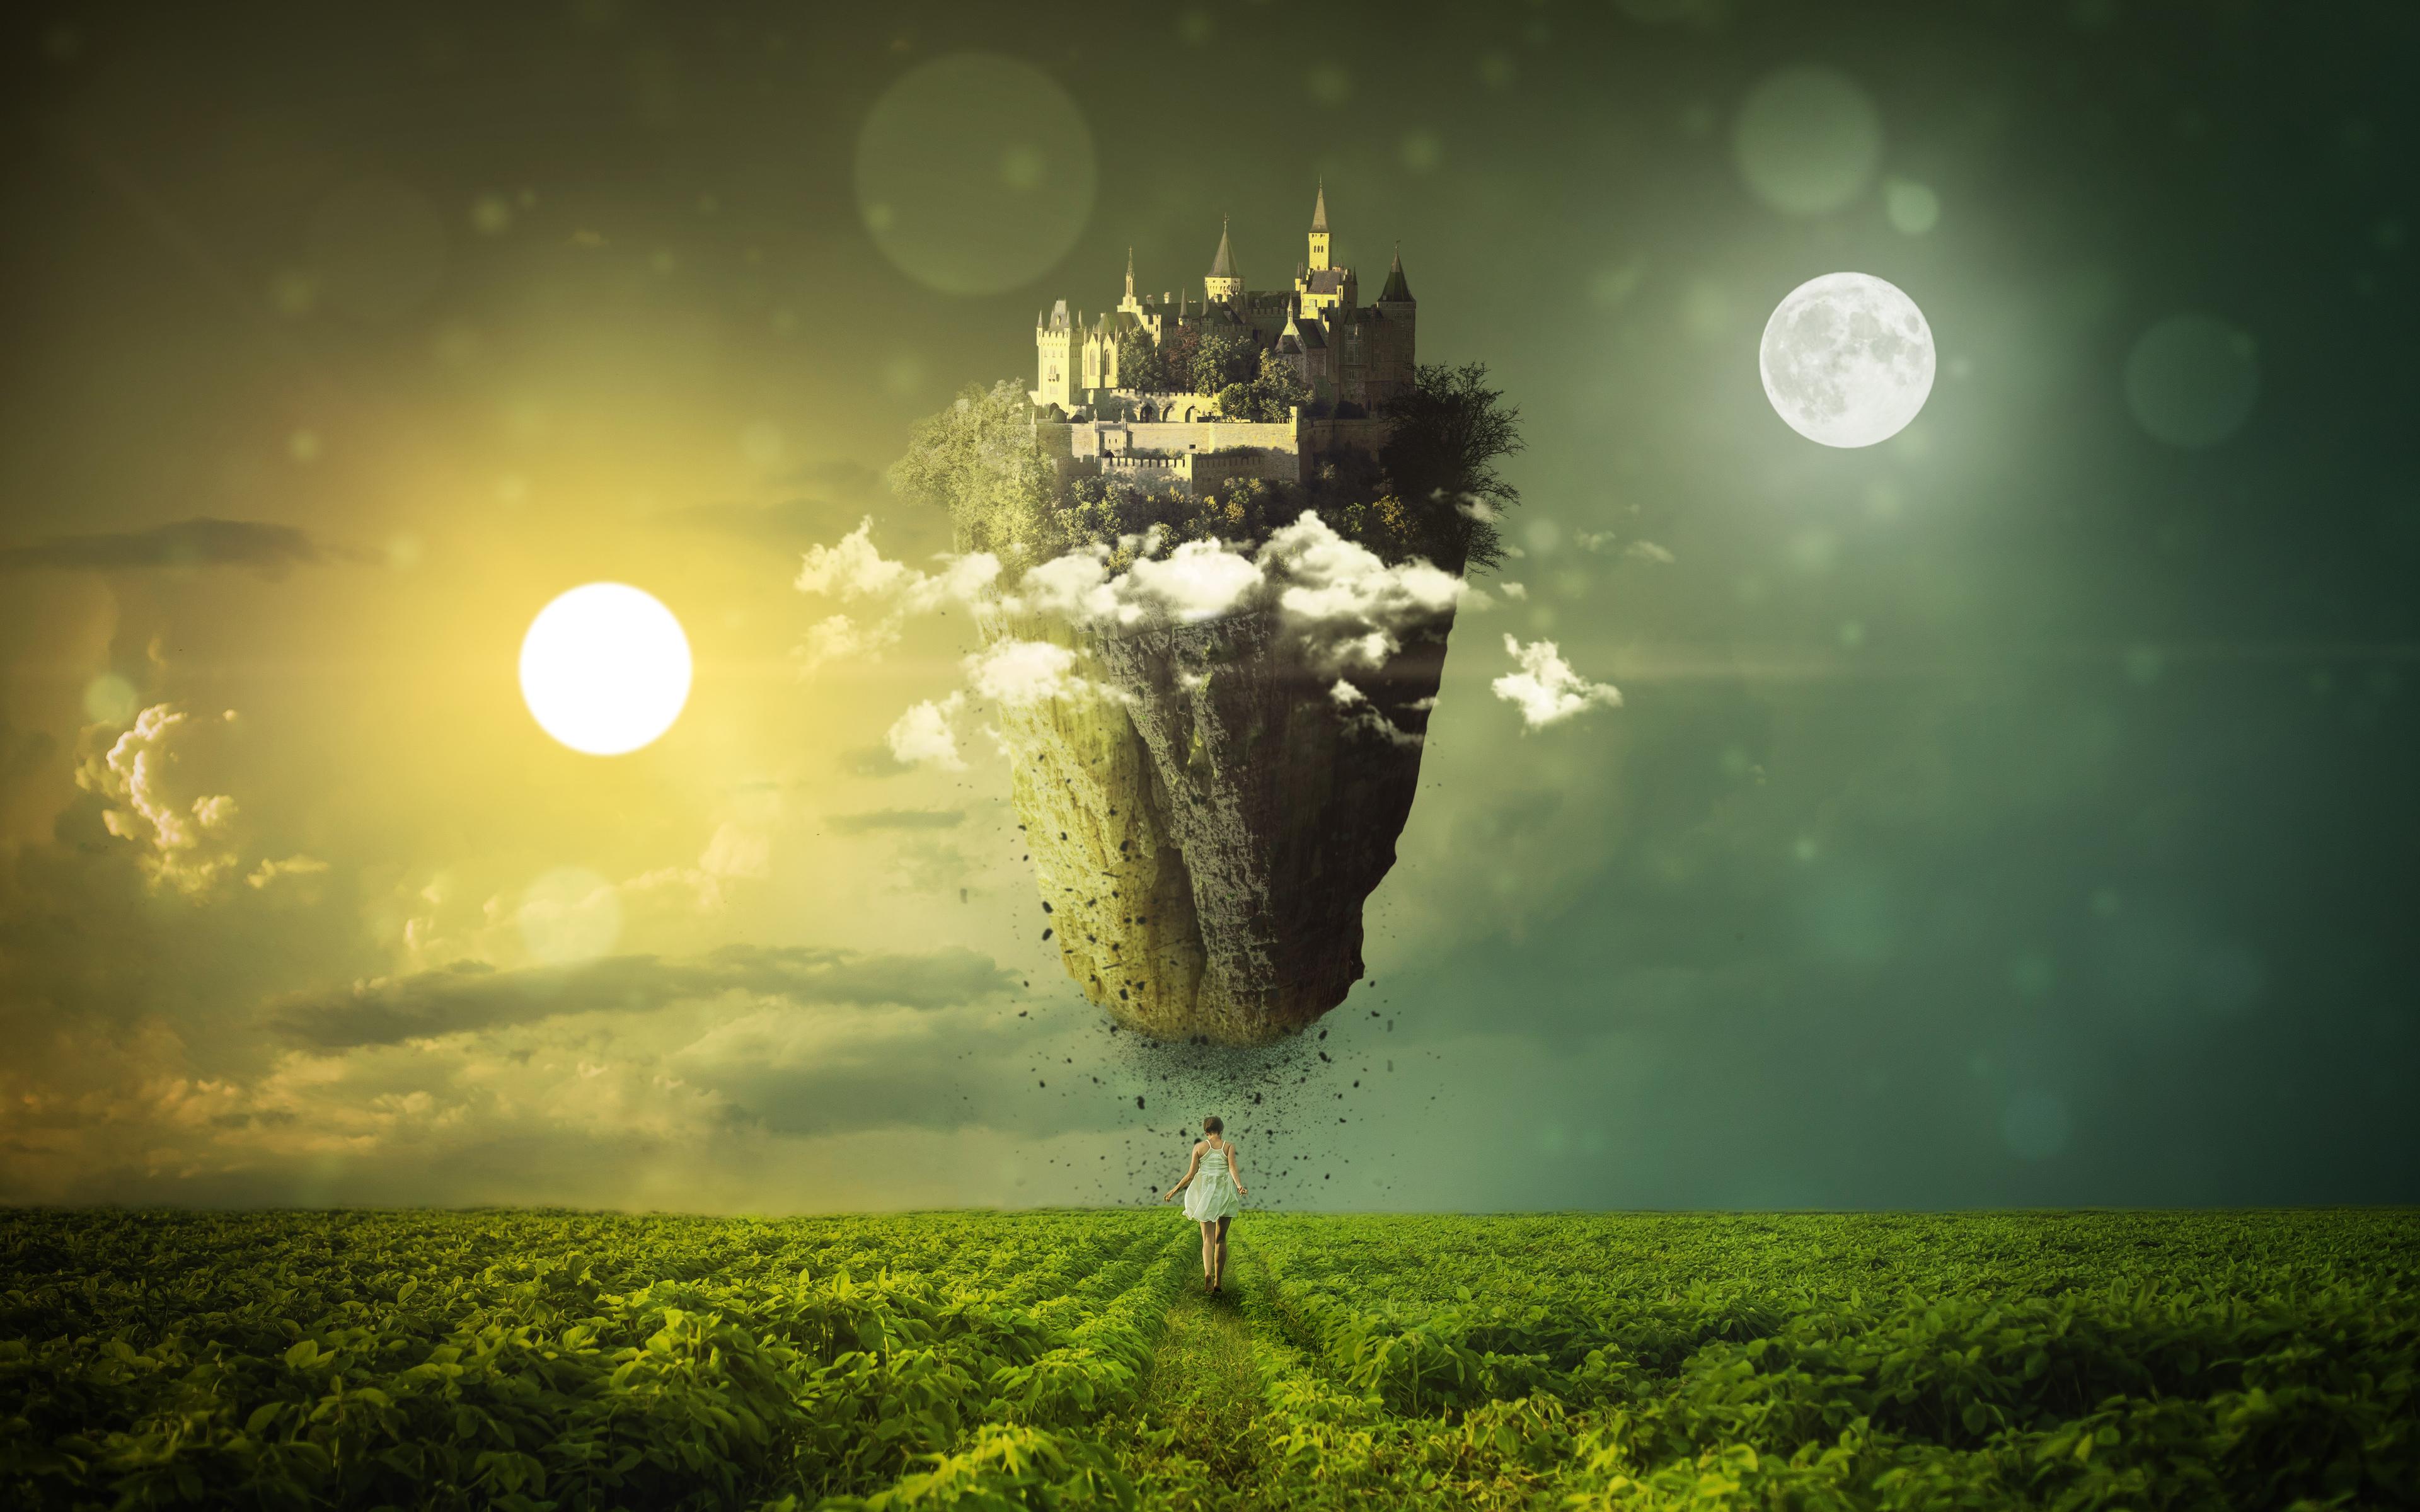 Равноденствие Солнце Луна мечта обои скачать